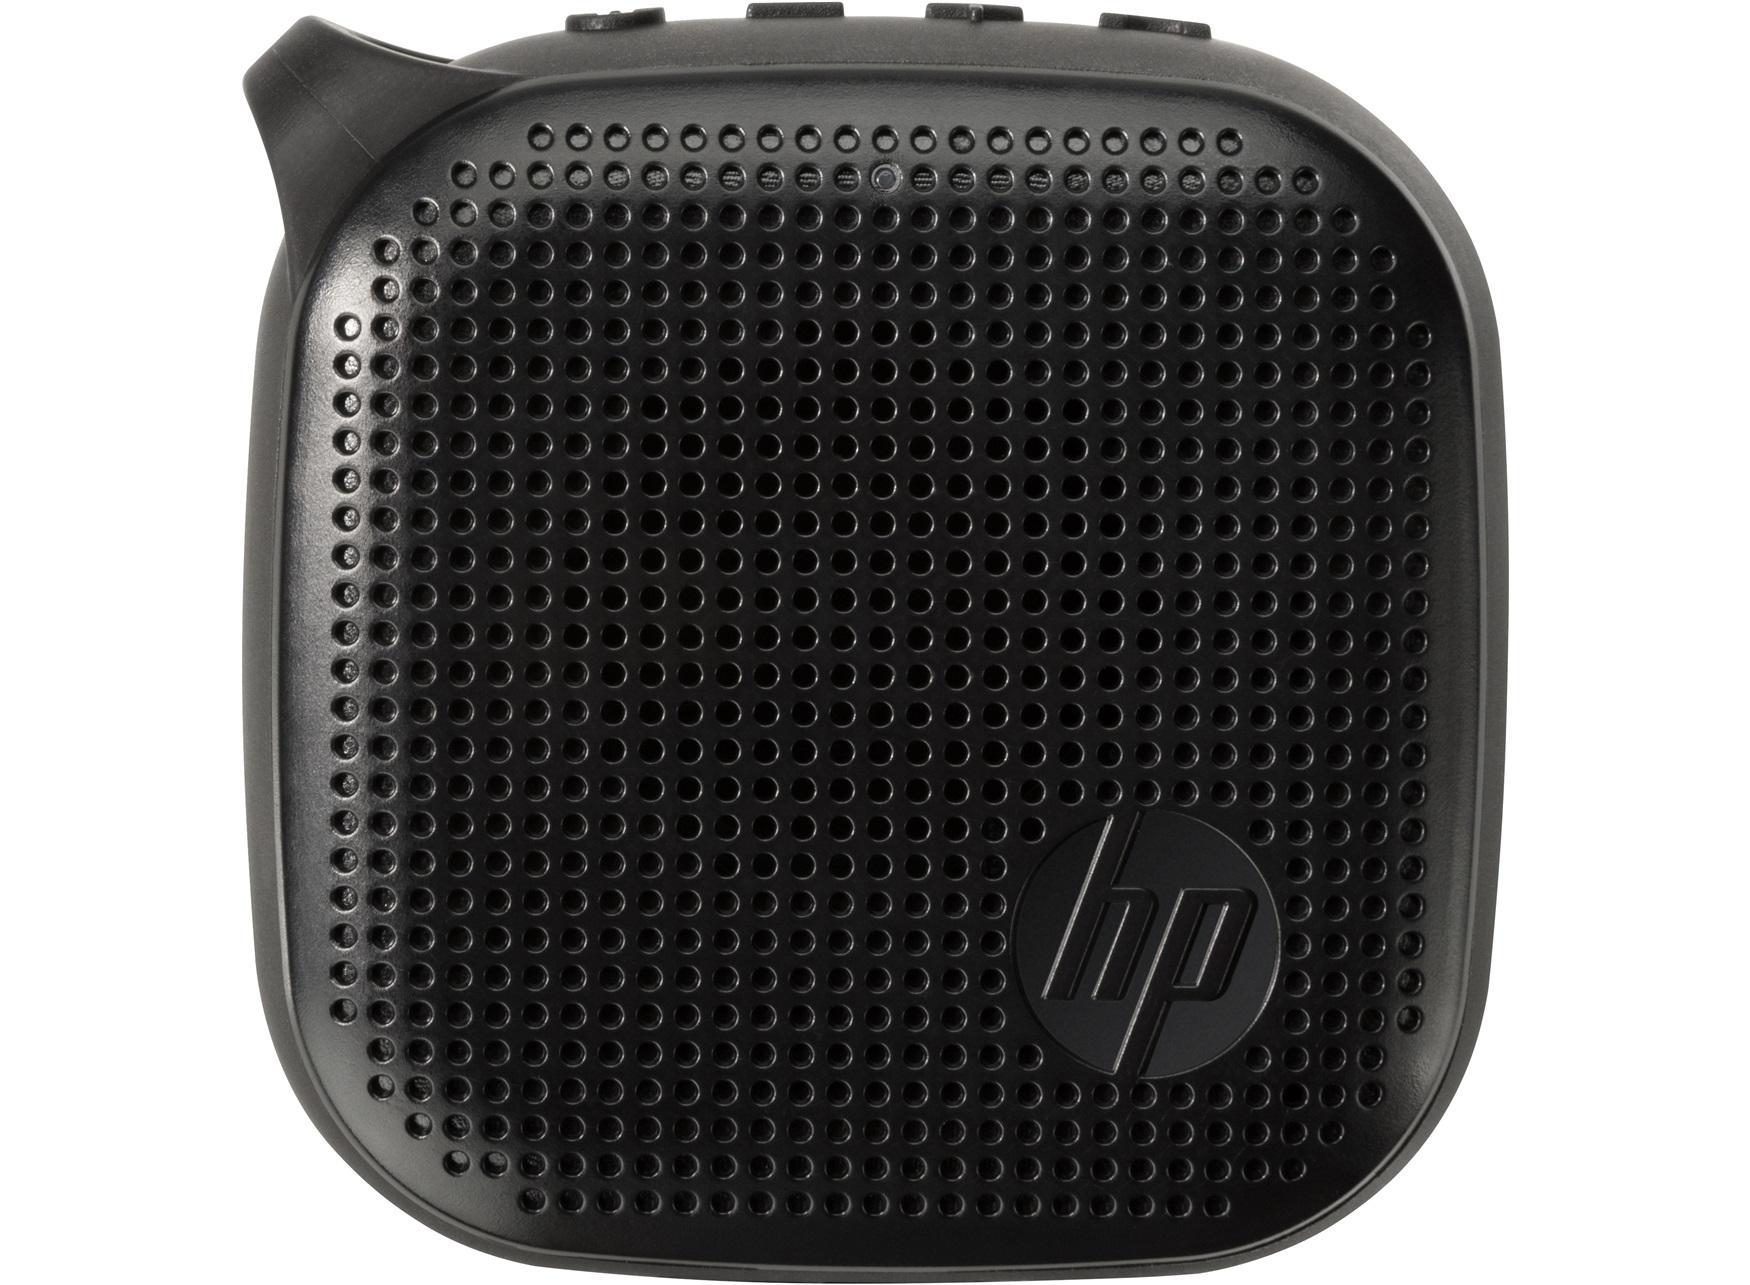 HP SXXXX Rugged BT Black Speaker Mono portable speaker